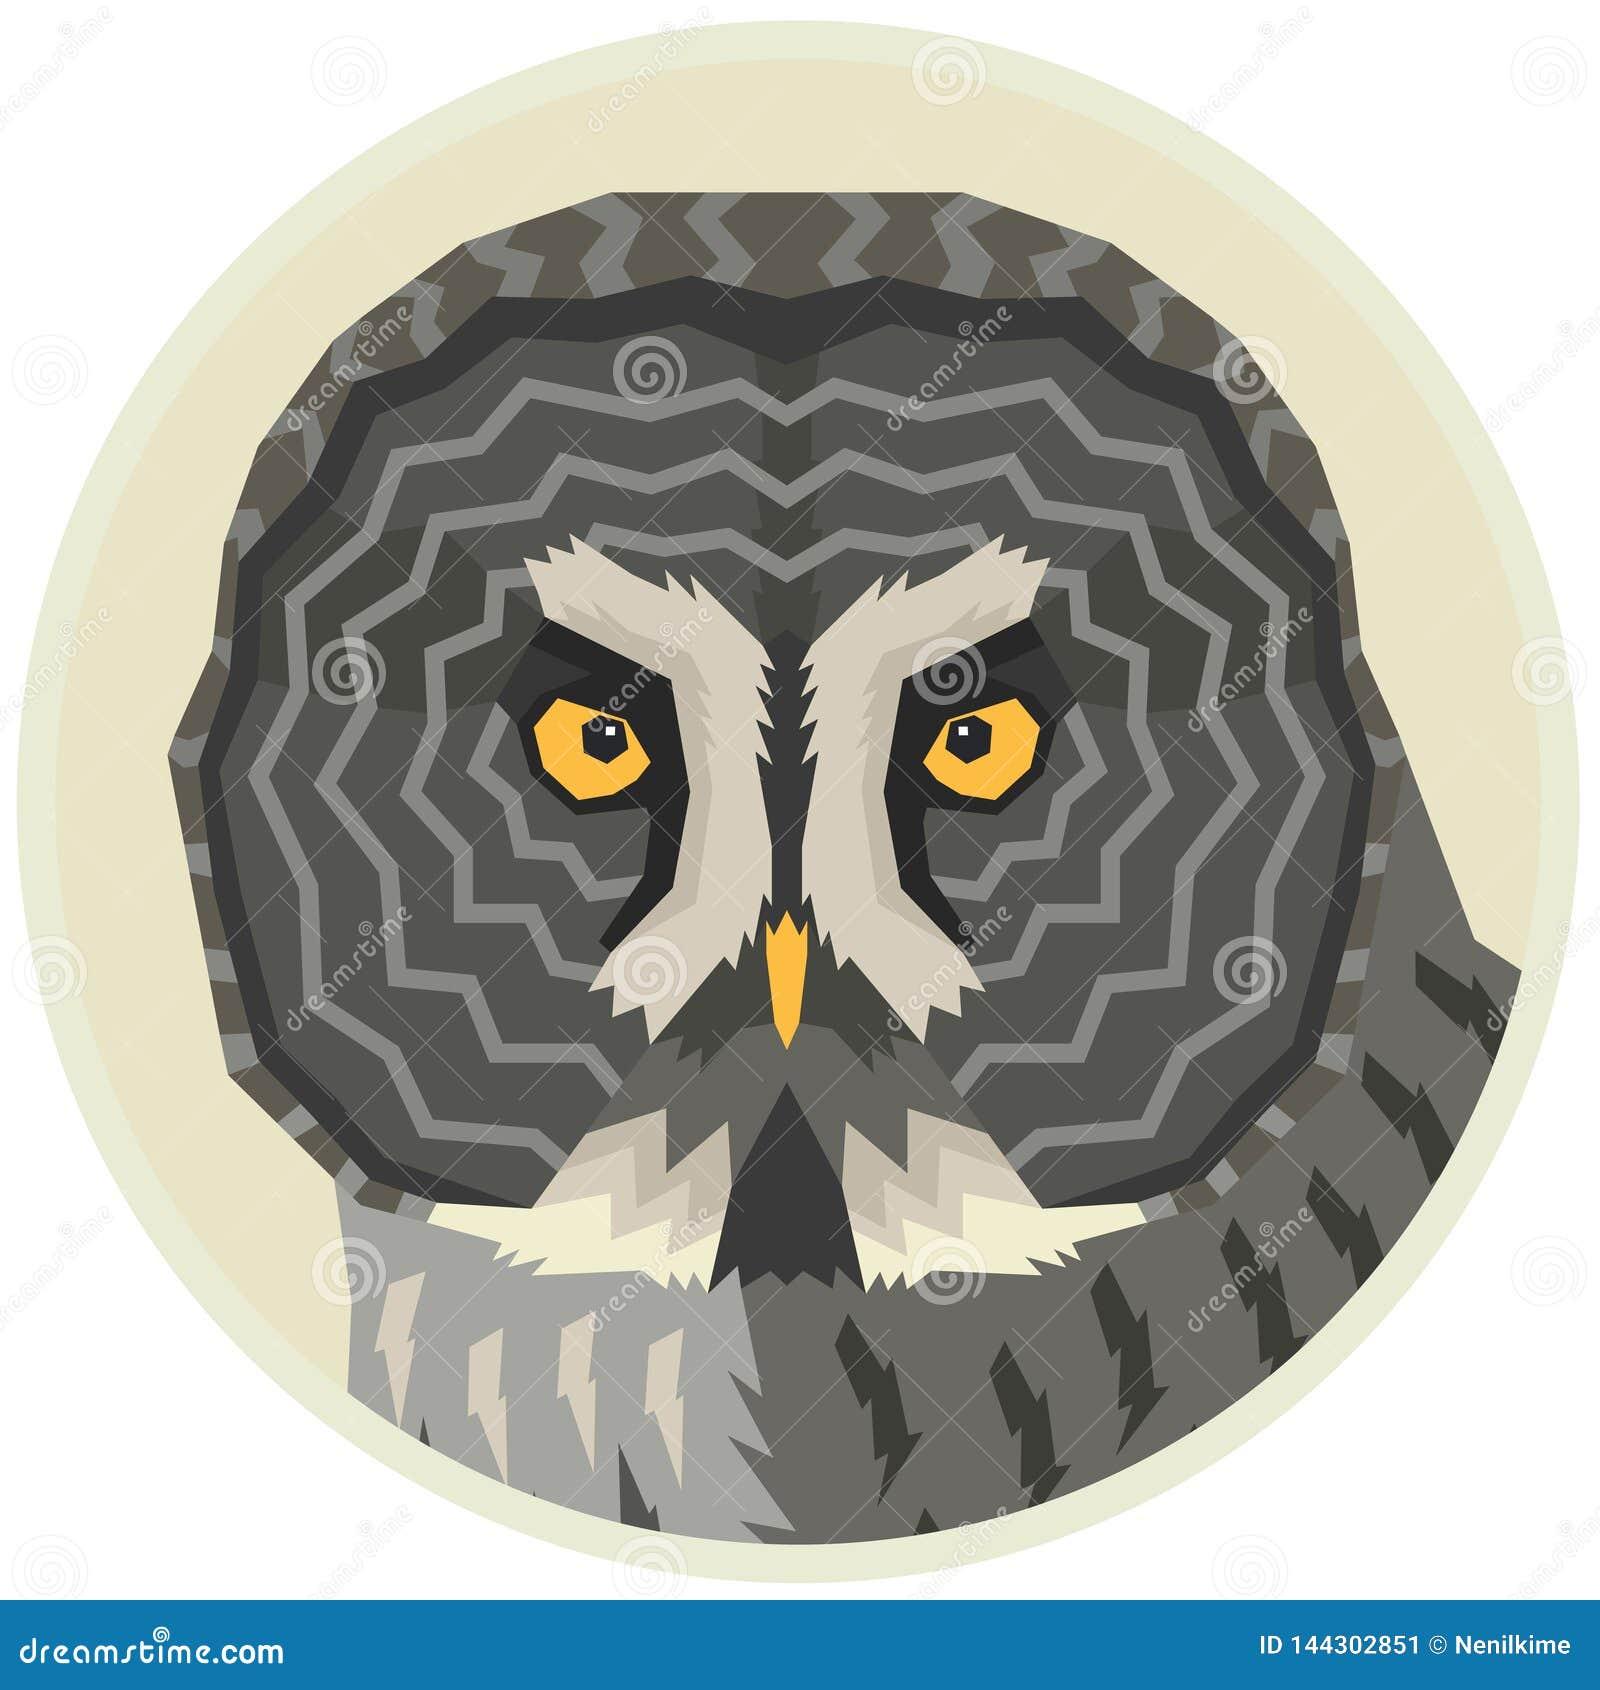 Bartkauz-Vektorillustration eines Vogels in einem runden Rahmen